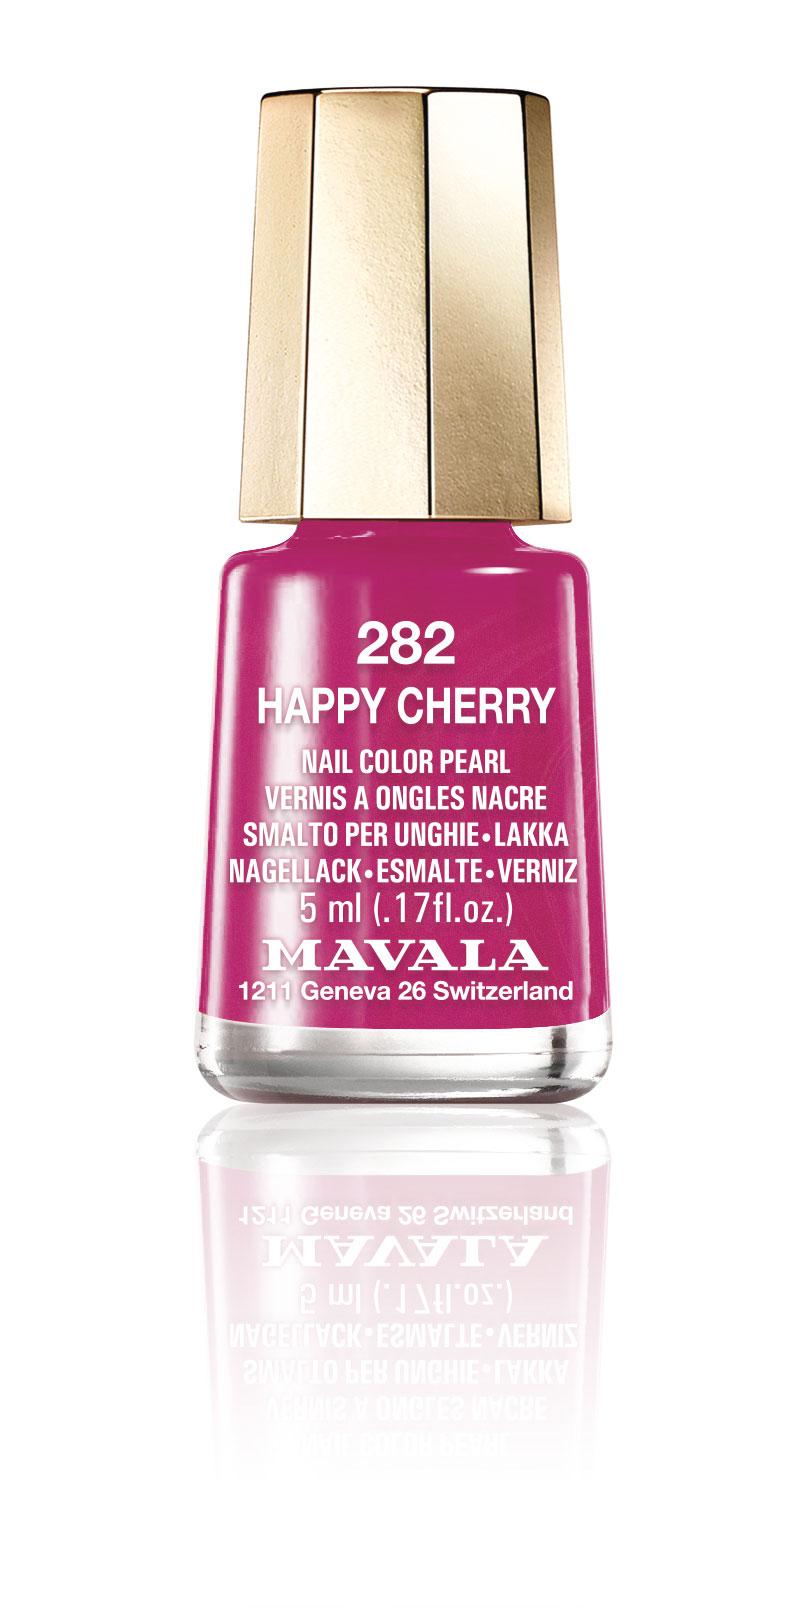 282 HAPPY CHERRY